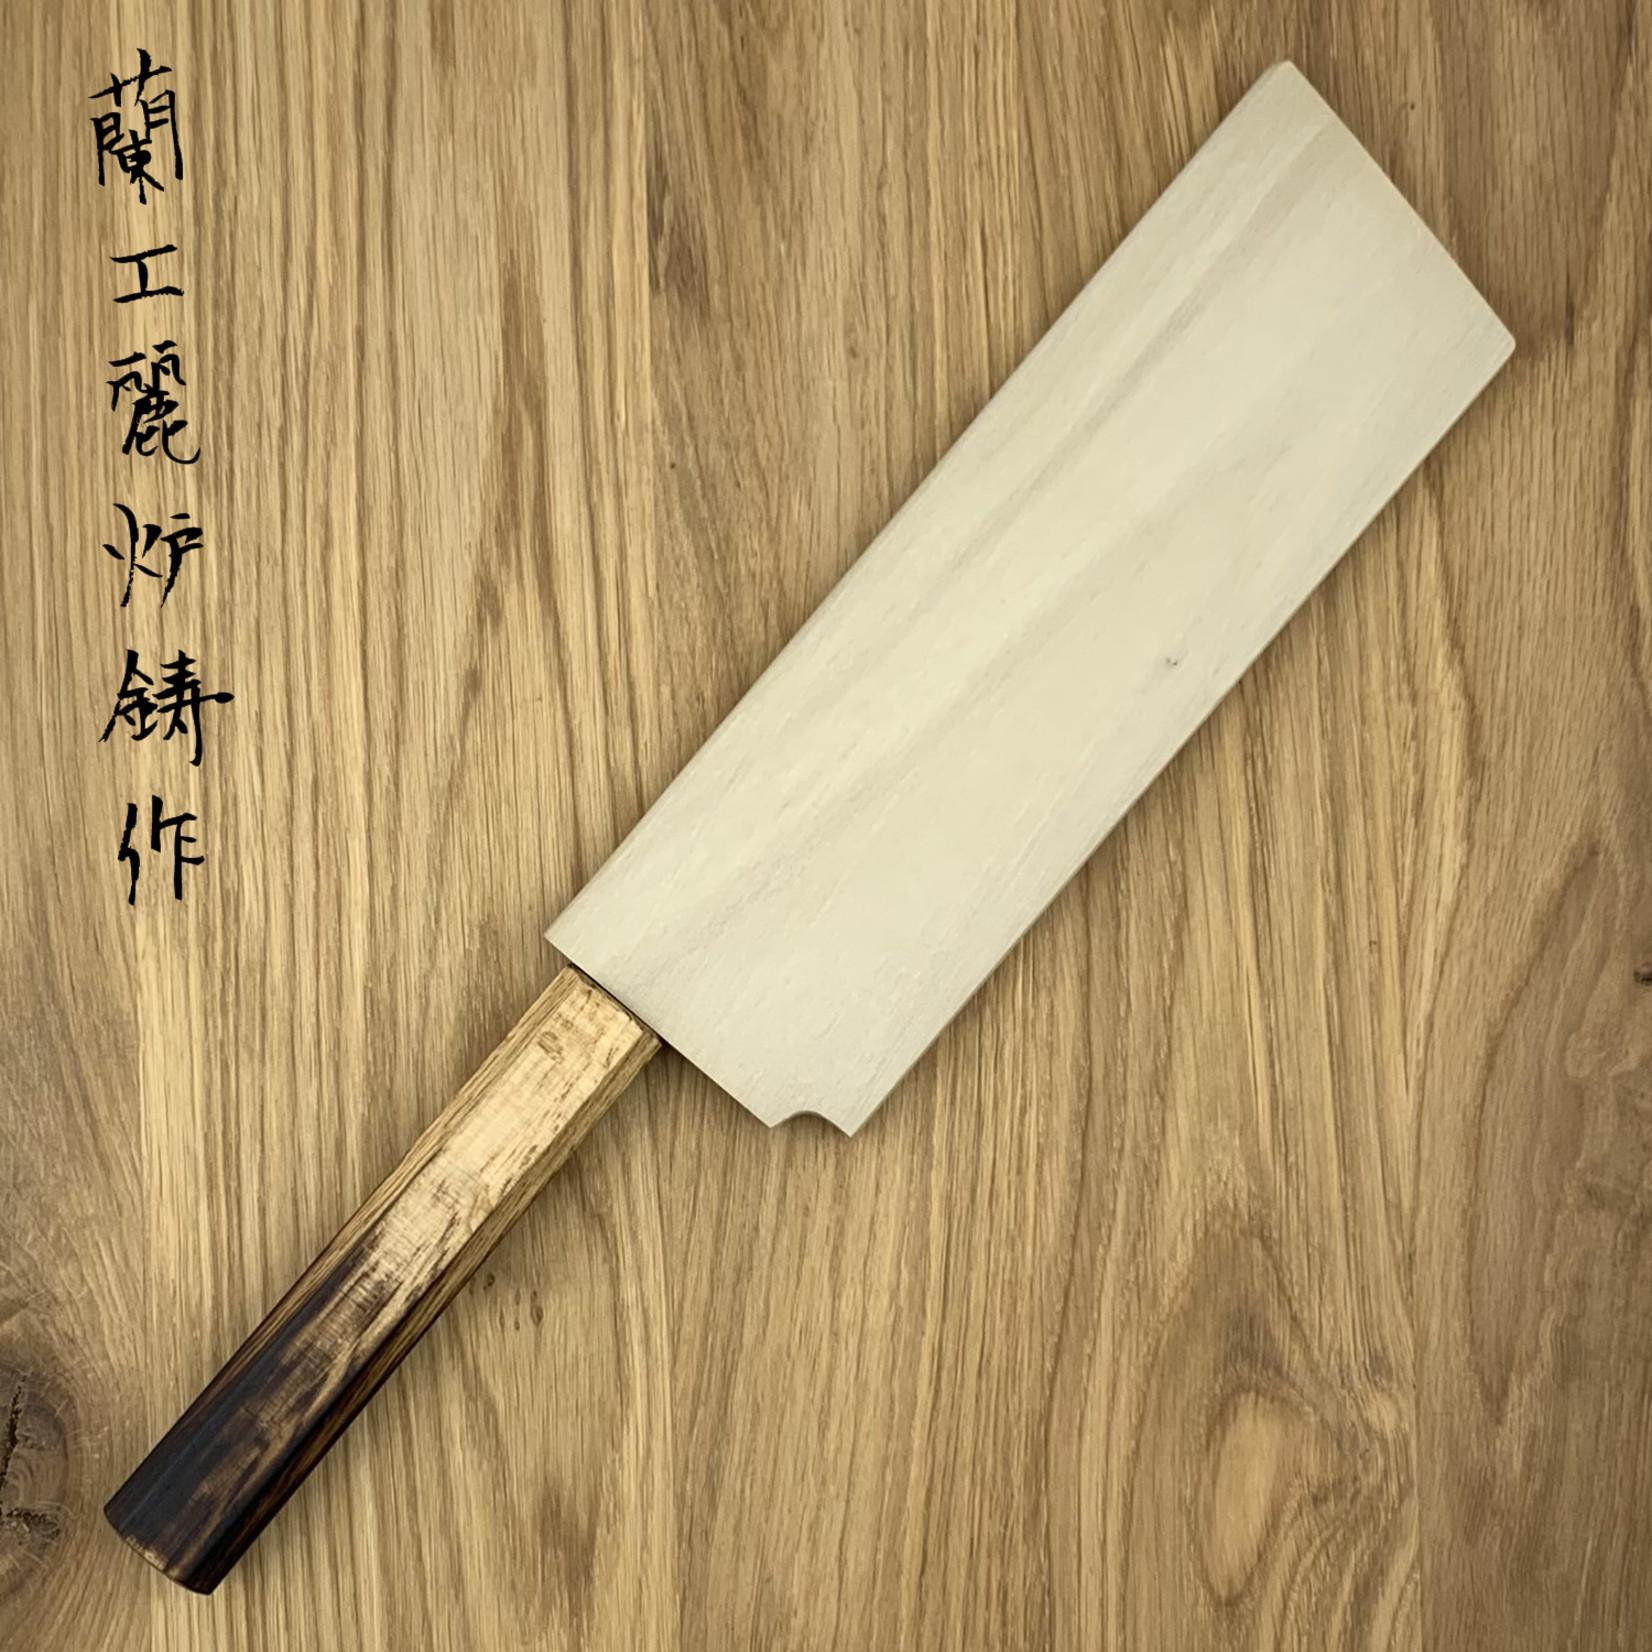 SAKAI TAKAYUKI Homura Guren Saya Nakiri 180 mm 24146